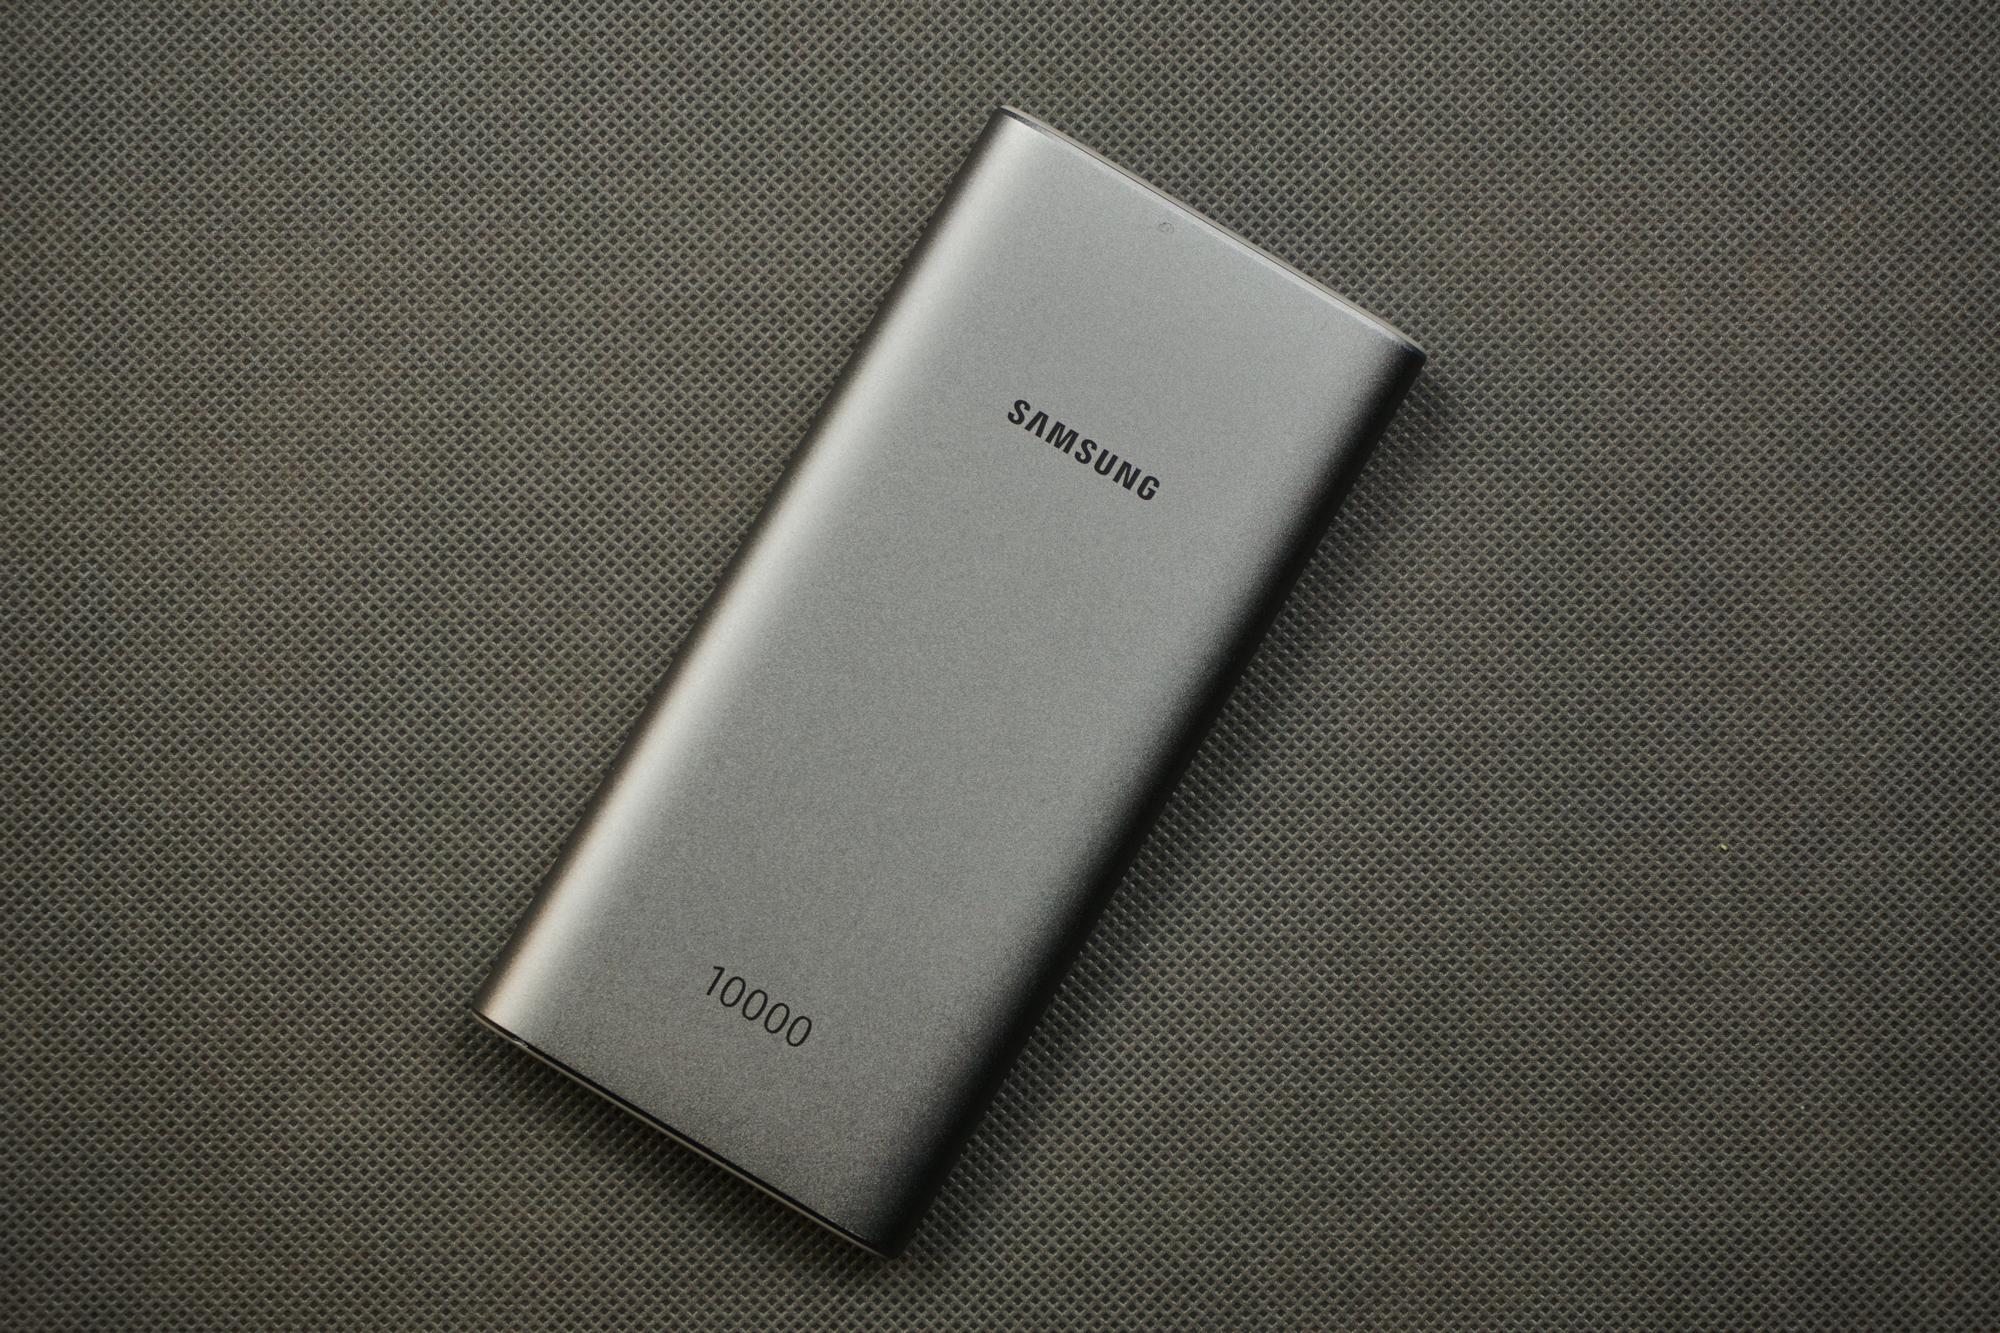 Recenzja Samsung Wireless Battery Pack - świetnie wykonanego powerbanku indukcyjnego 20 Samsung Wireless Battery Pack